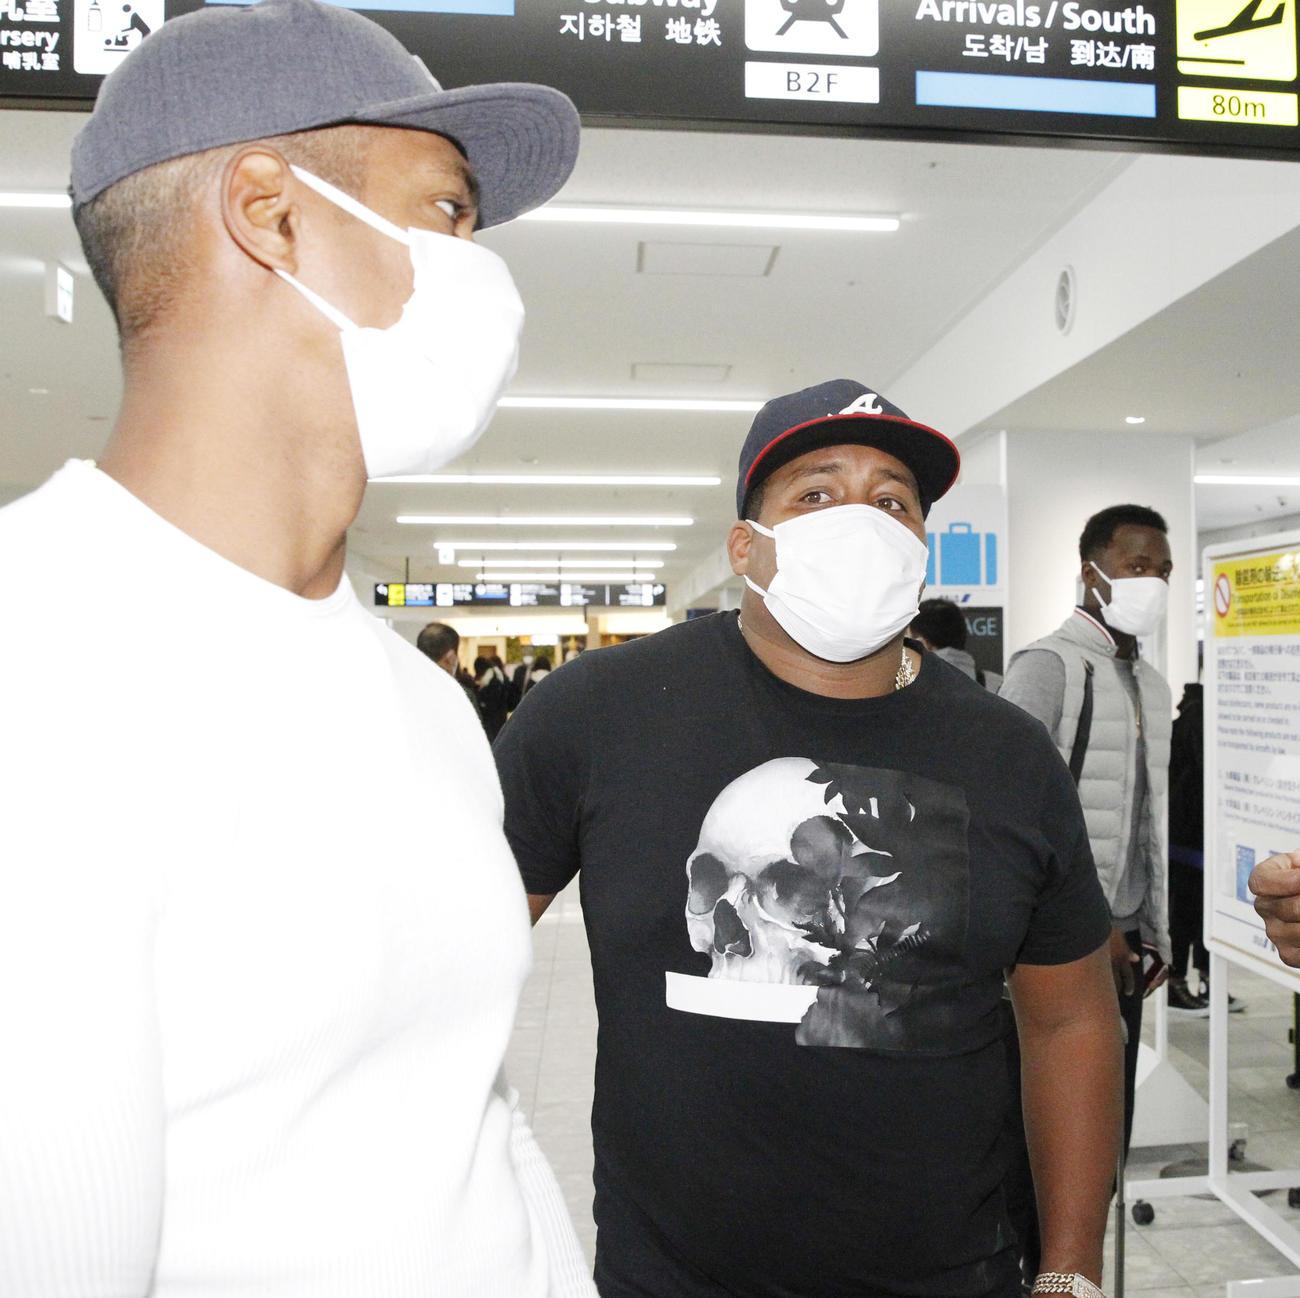 ソフトバンク・デスパイネらキューバ勢3人が離日 - プロ野球写真 ...